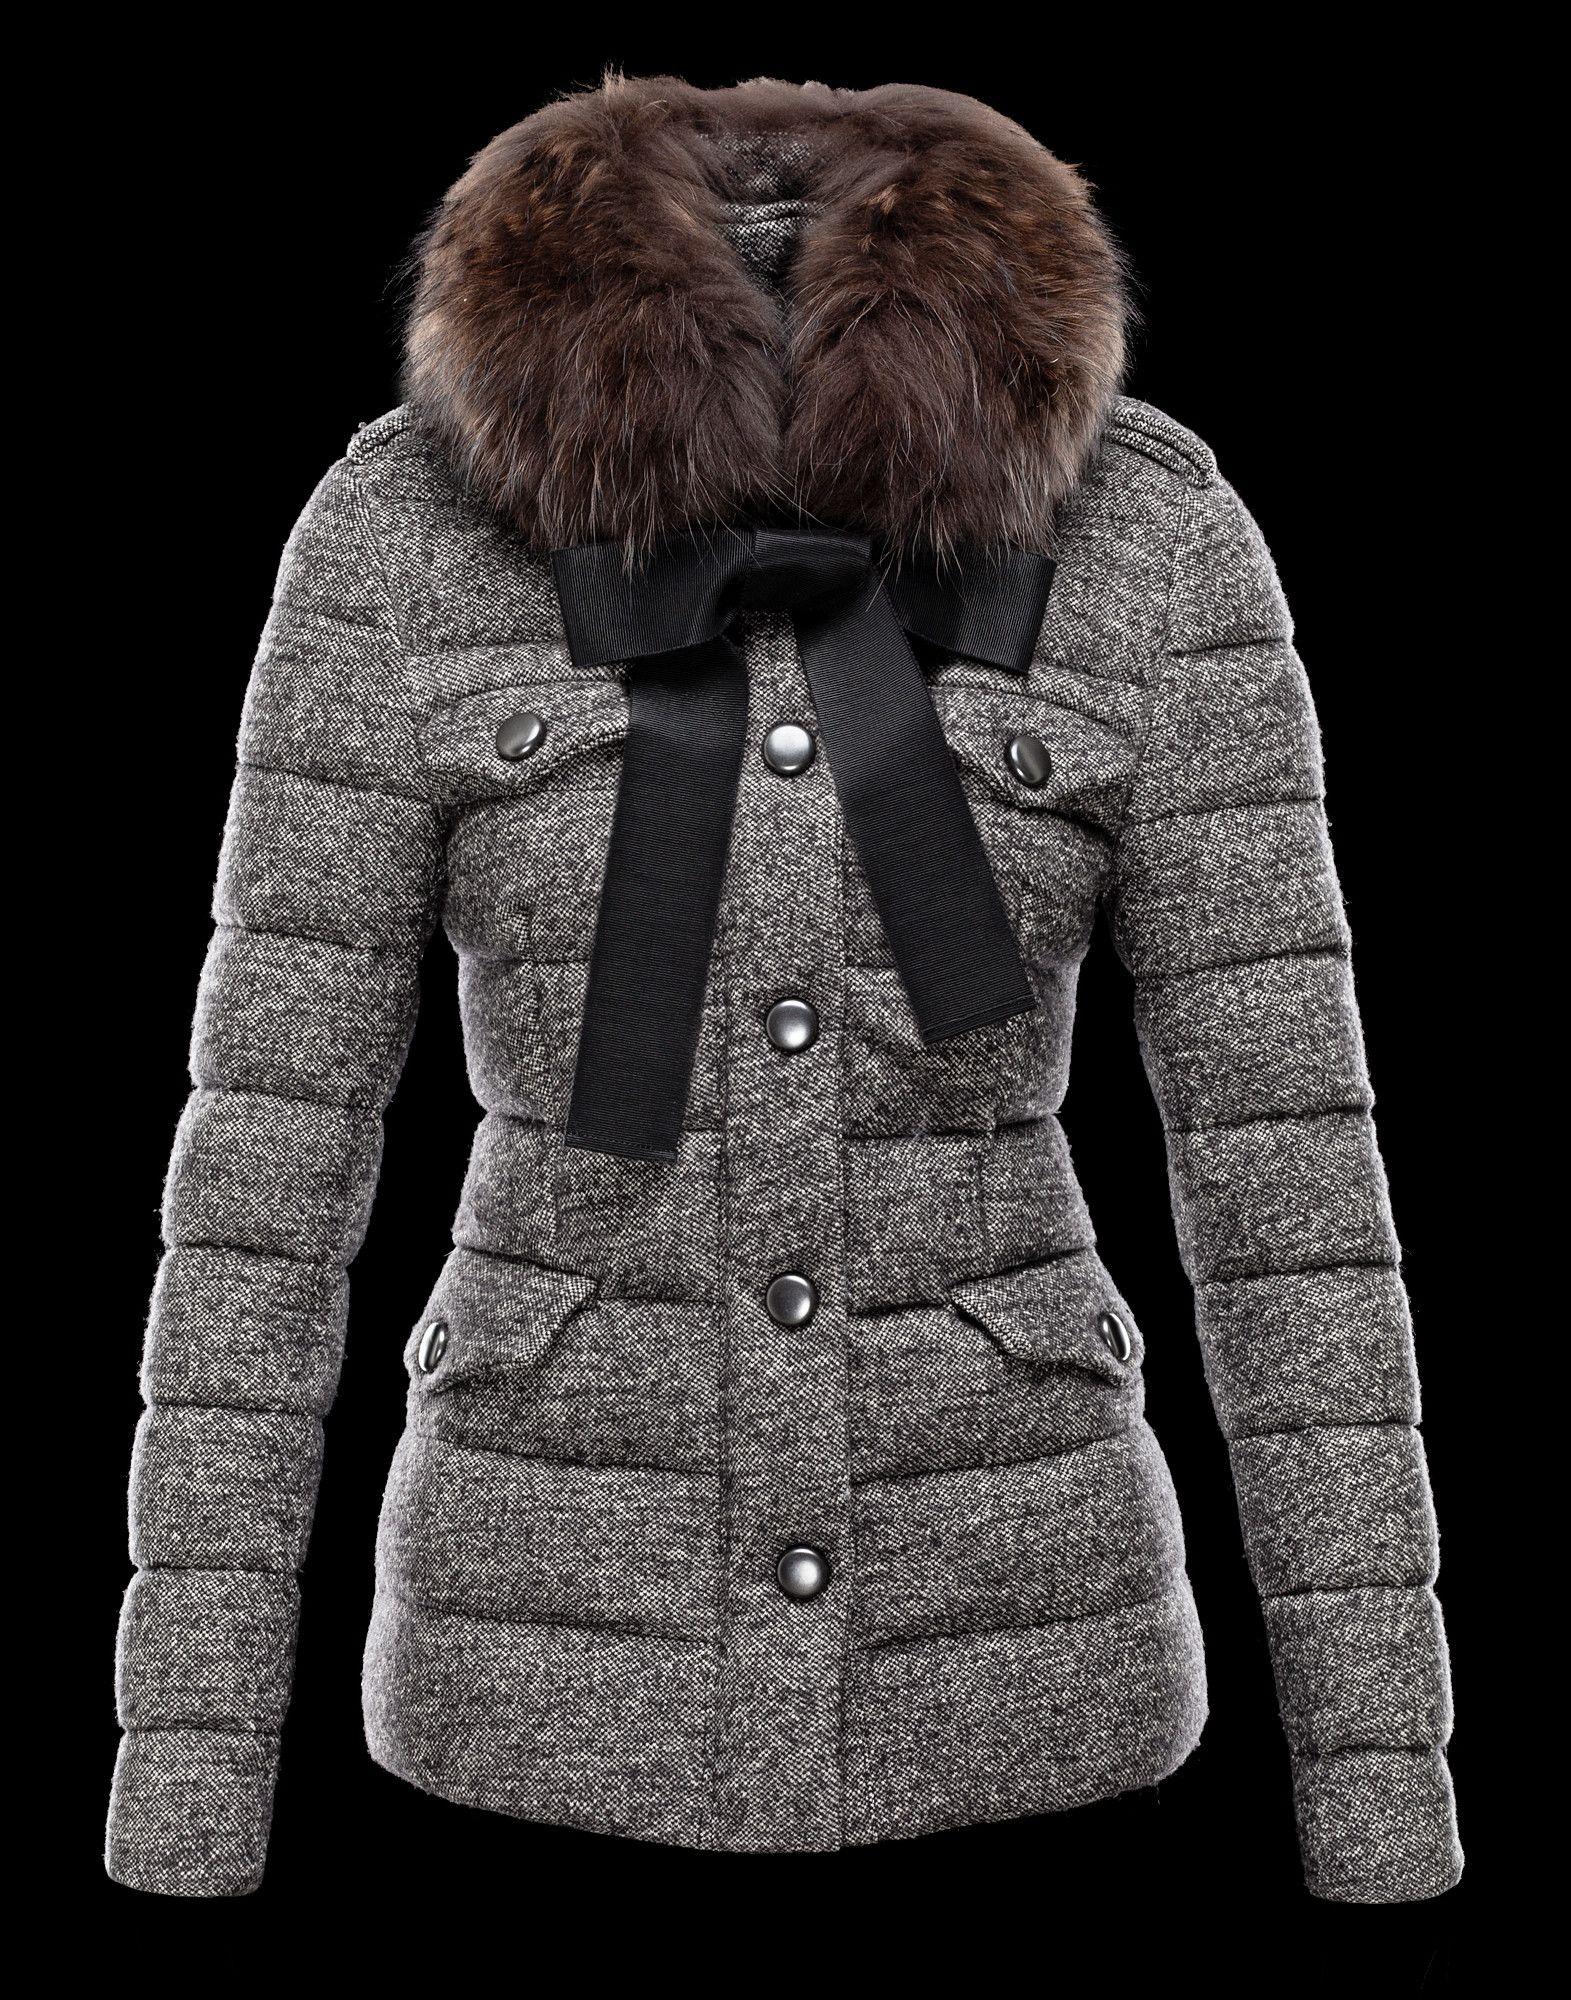 MONCLER Women Autumn/Winter 12 OUTERWEAR Jacket